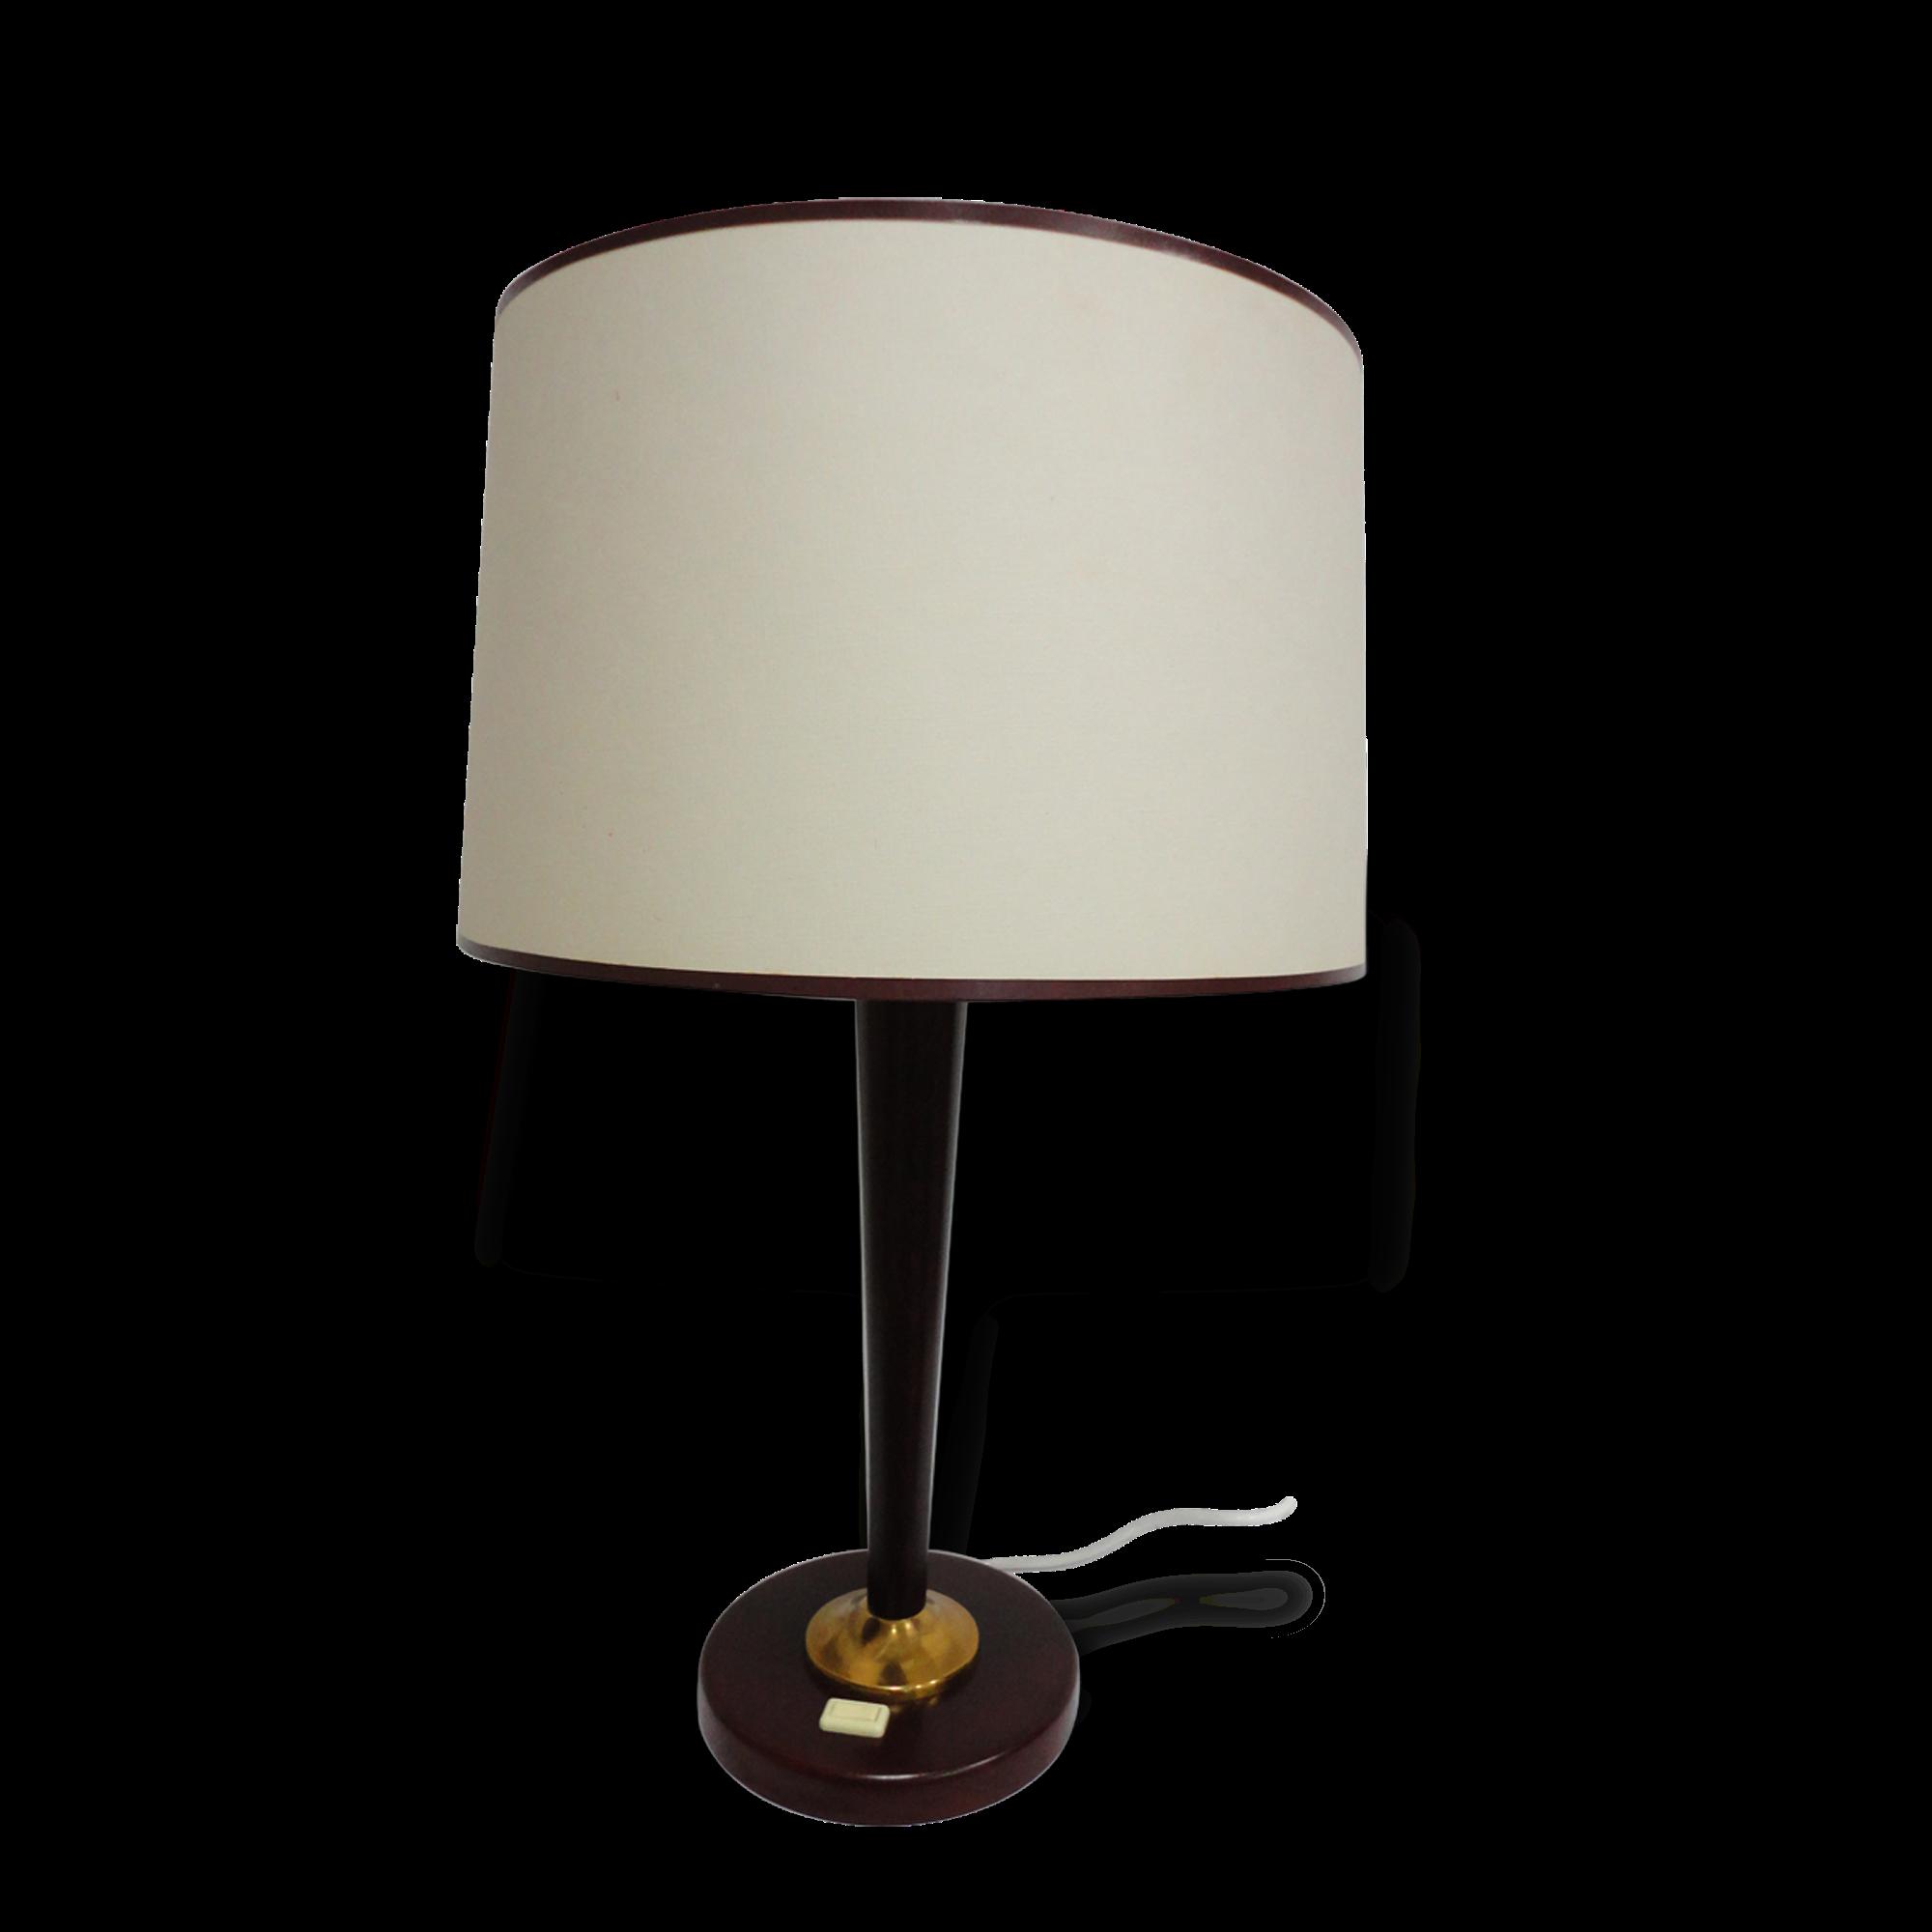 Lampe De Bureau En Bois L Gant Lampe De Bureau Design A Led Feny